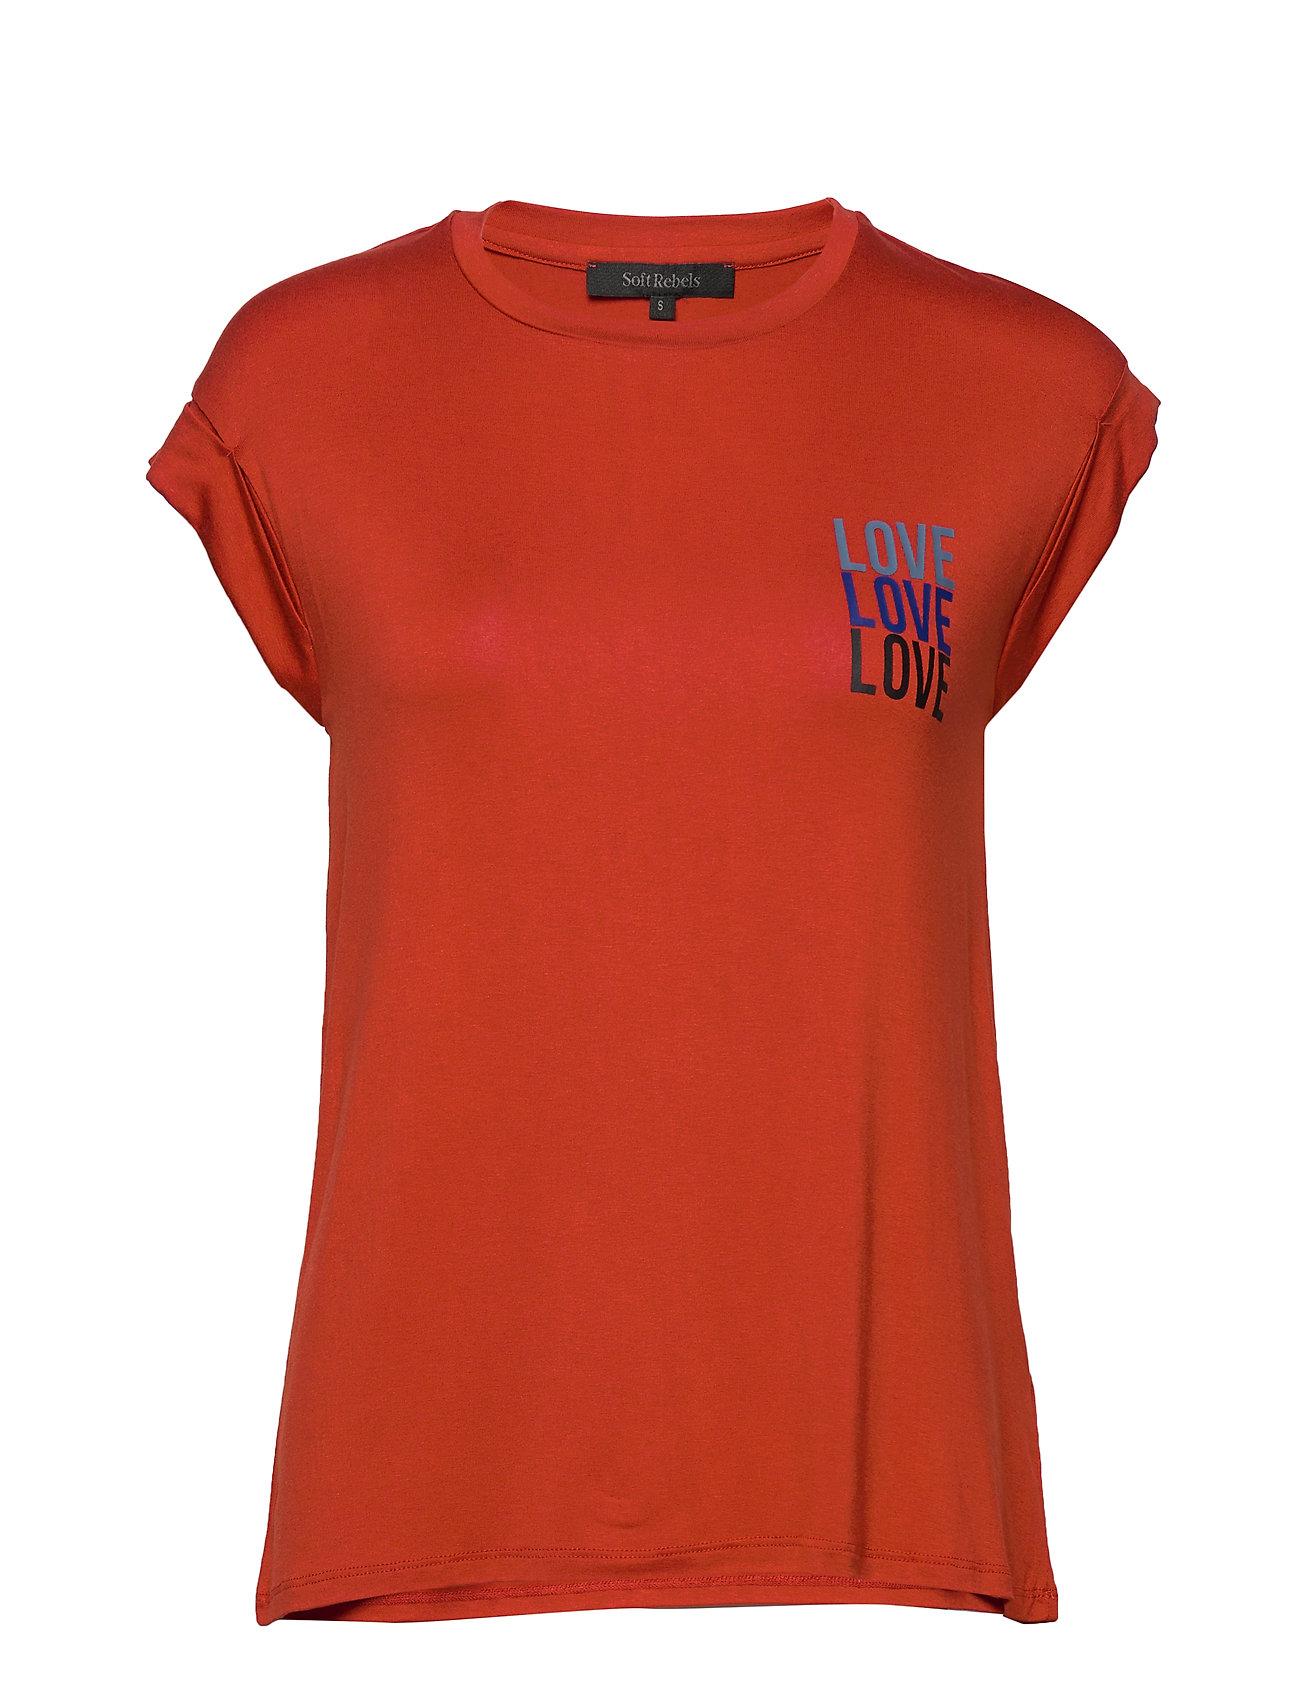 Soft Rebels Lovelove T-shirt - ROOIBOS TEA